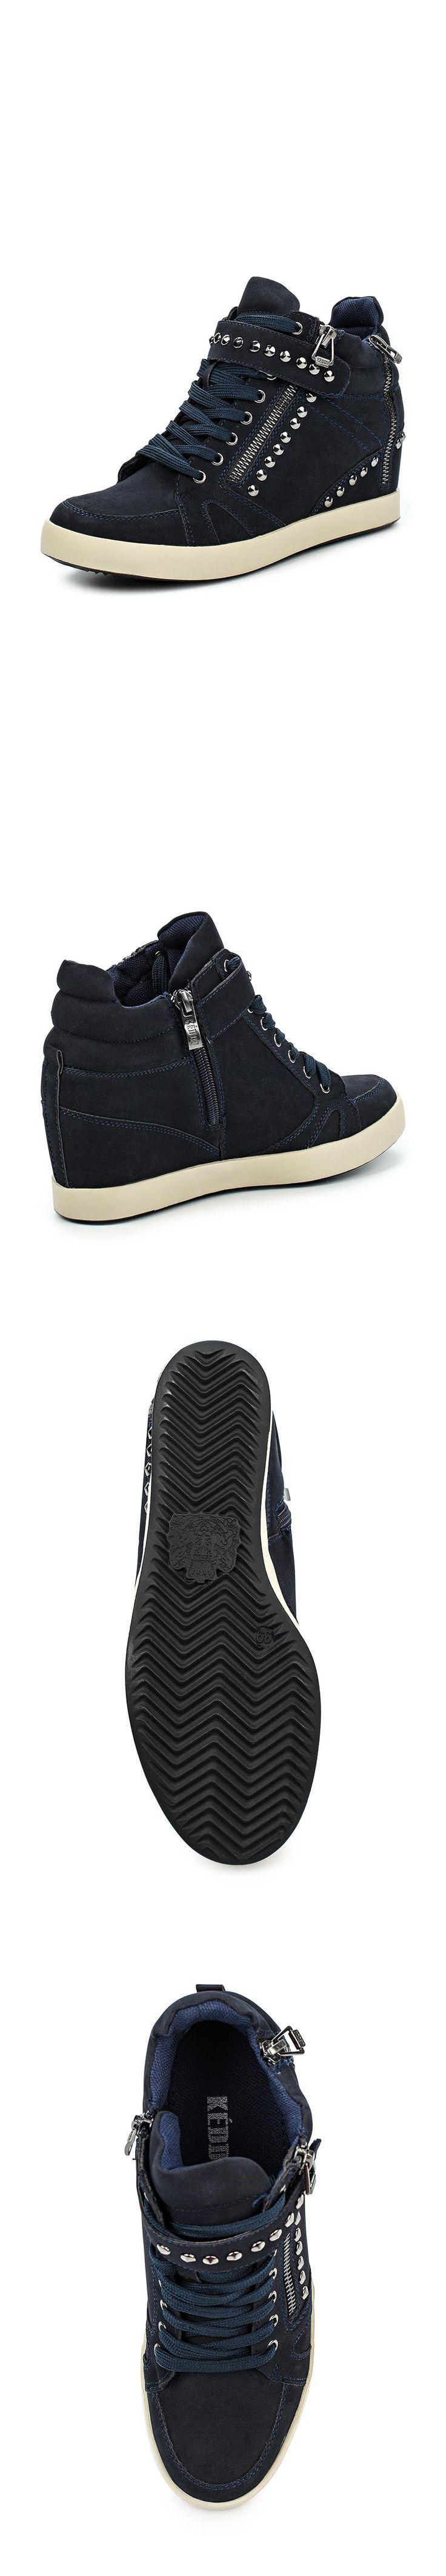 Женская обувь кеды на танкетке Keddo за 3520.00 руб.